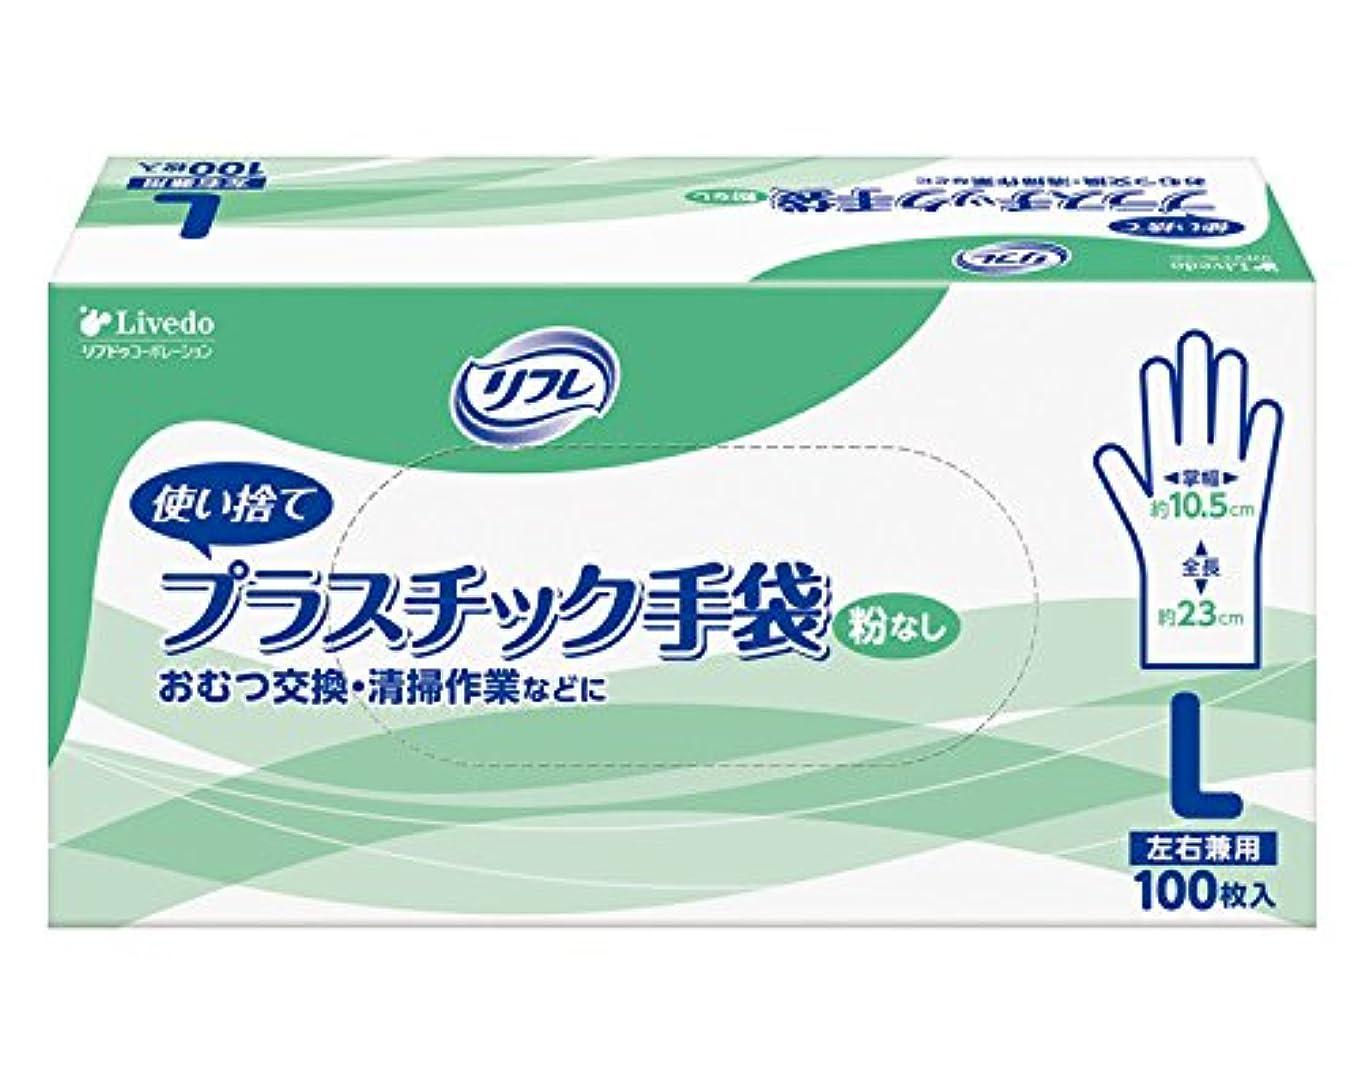 入口アスレチック管理するリフレ プラスチック手袋 粉なし L 1ケース(1箱100枚×20小箱入) 92117 (リブドゥコーポレーション) (プラ手袋?ゴム手袋)